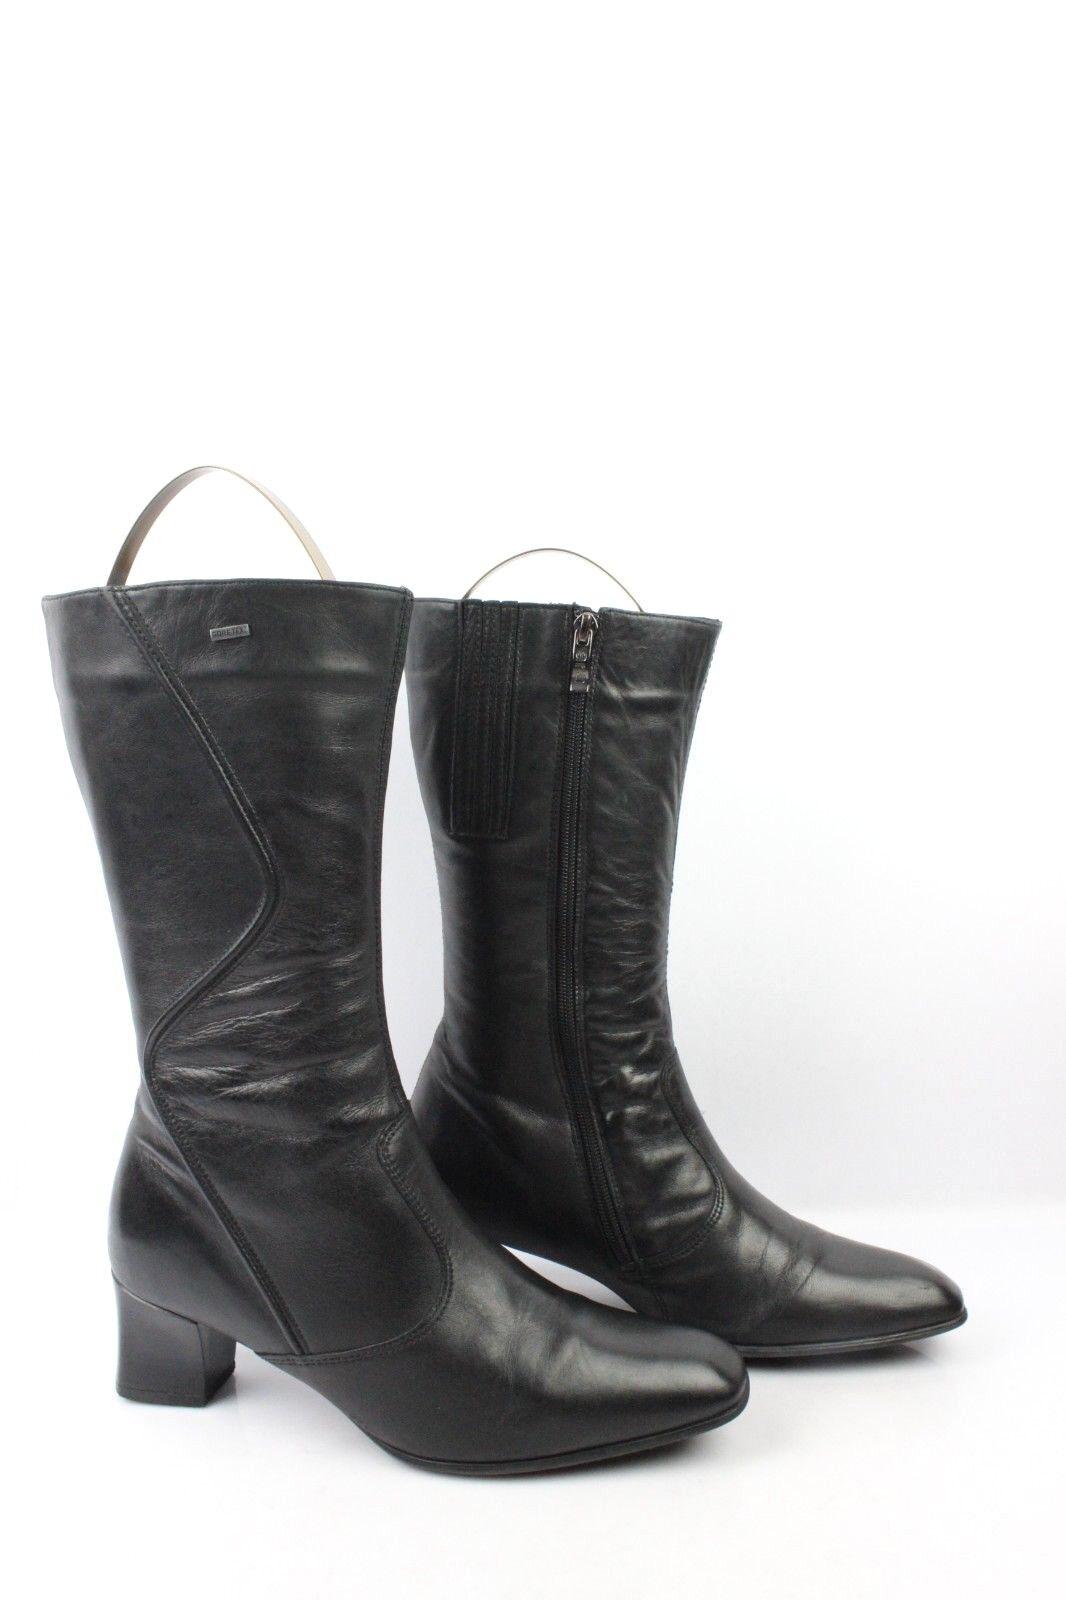 Mi Schwarzes Leder-Stiefel ARA UK 6,5 G   en 40 sehr guter Zustand